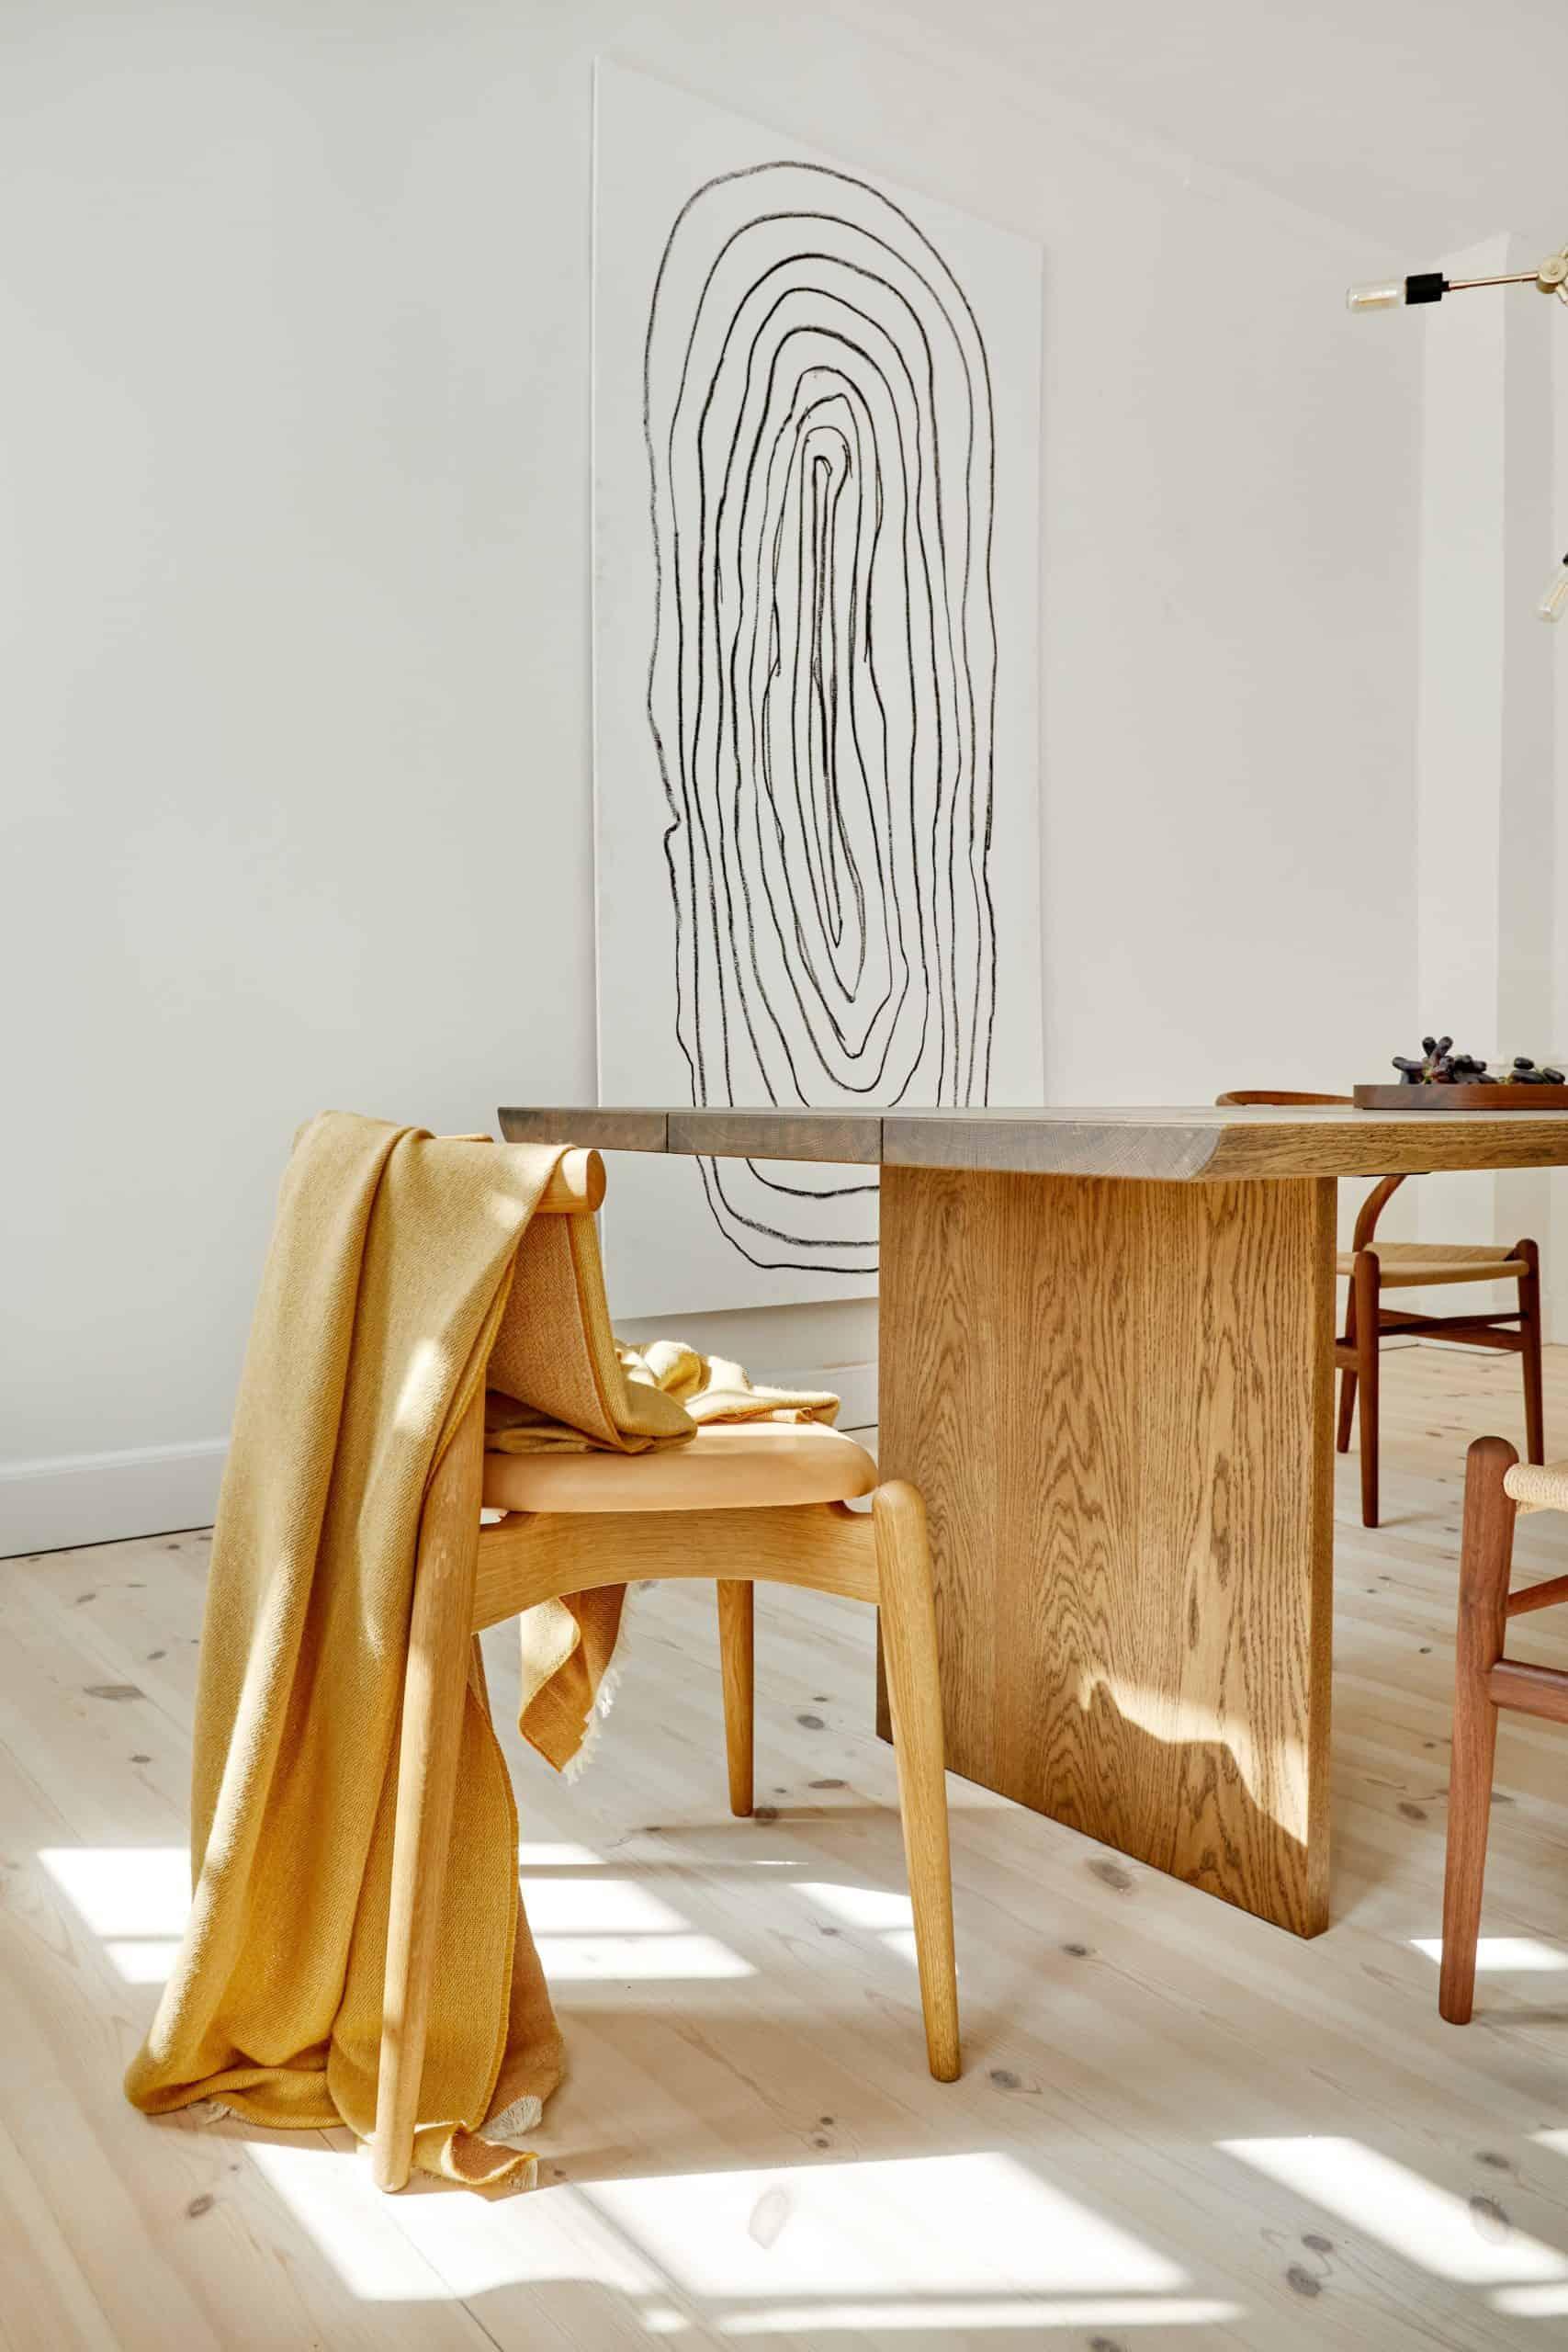 plankeborde mm færdige 59 scaled - kaerbygaard plankebord KÆRBYGÅRD 2020 snedkeri - træbord